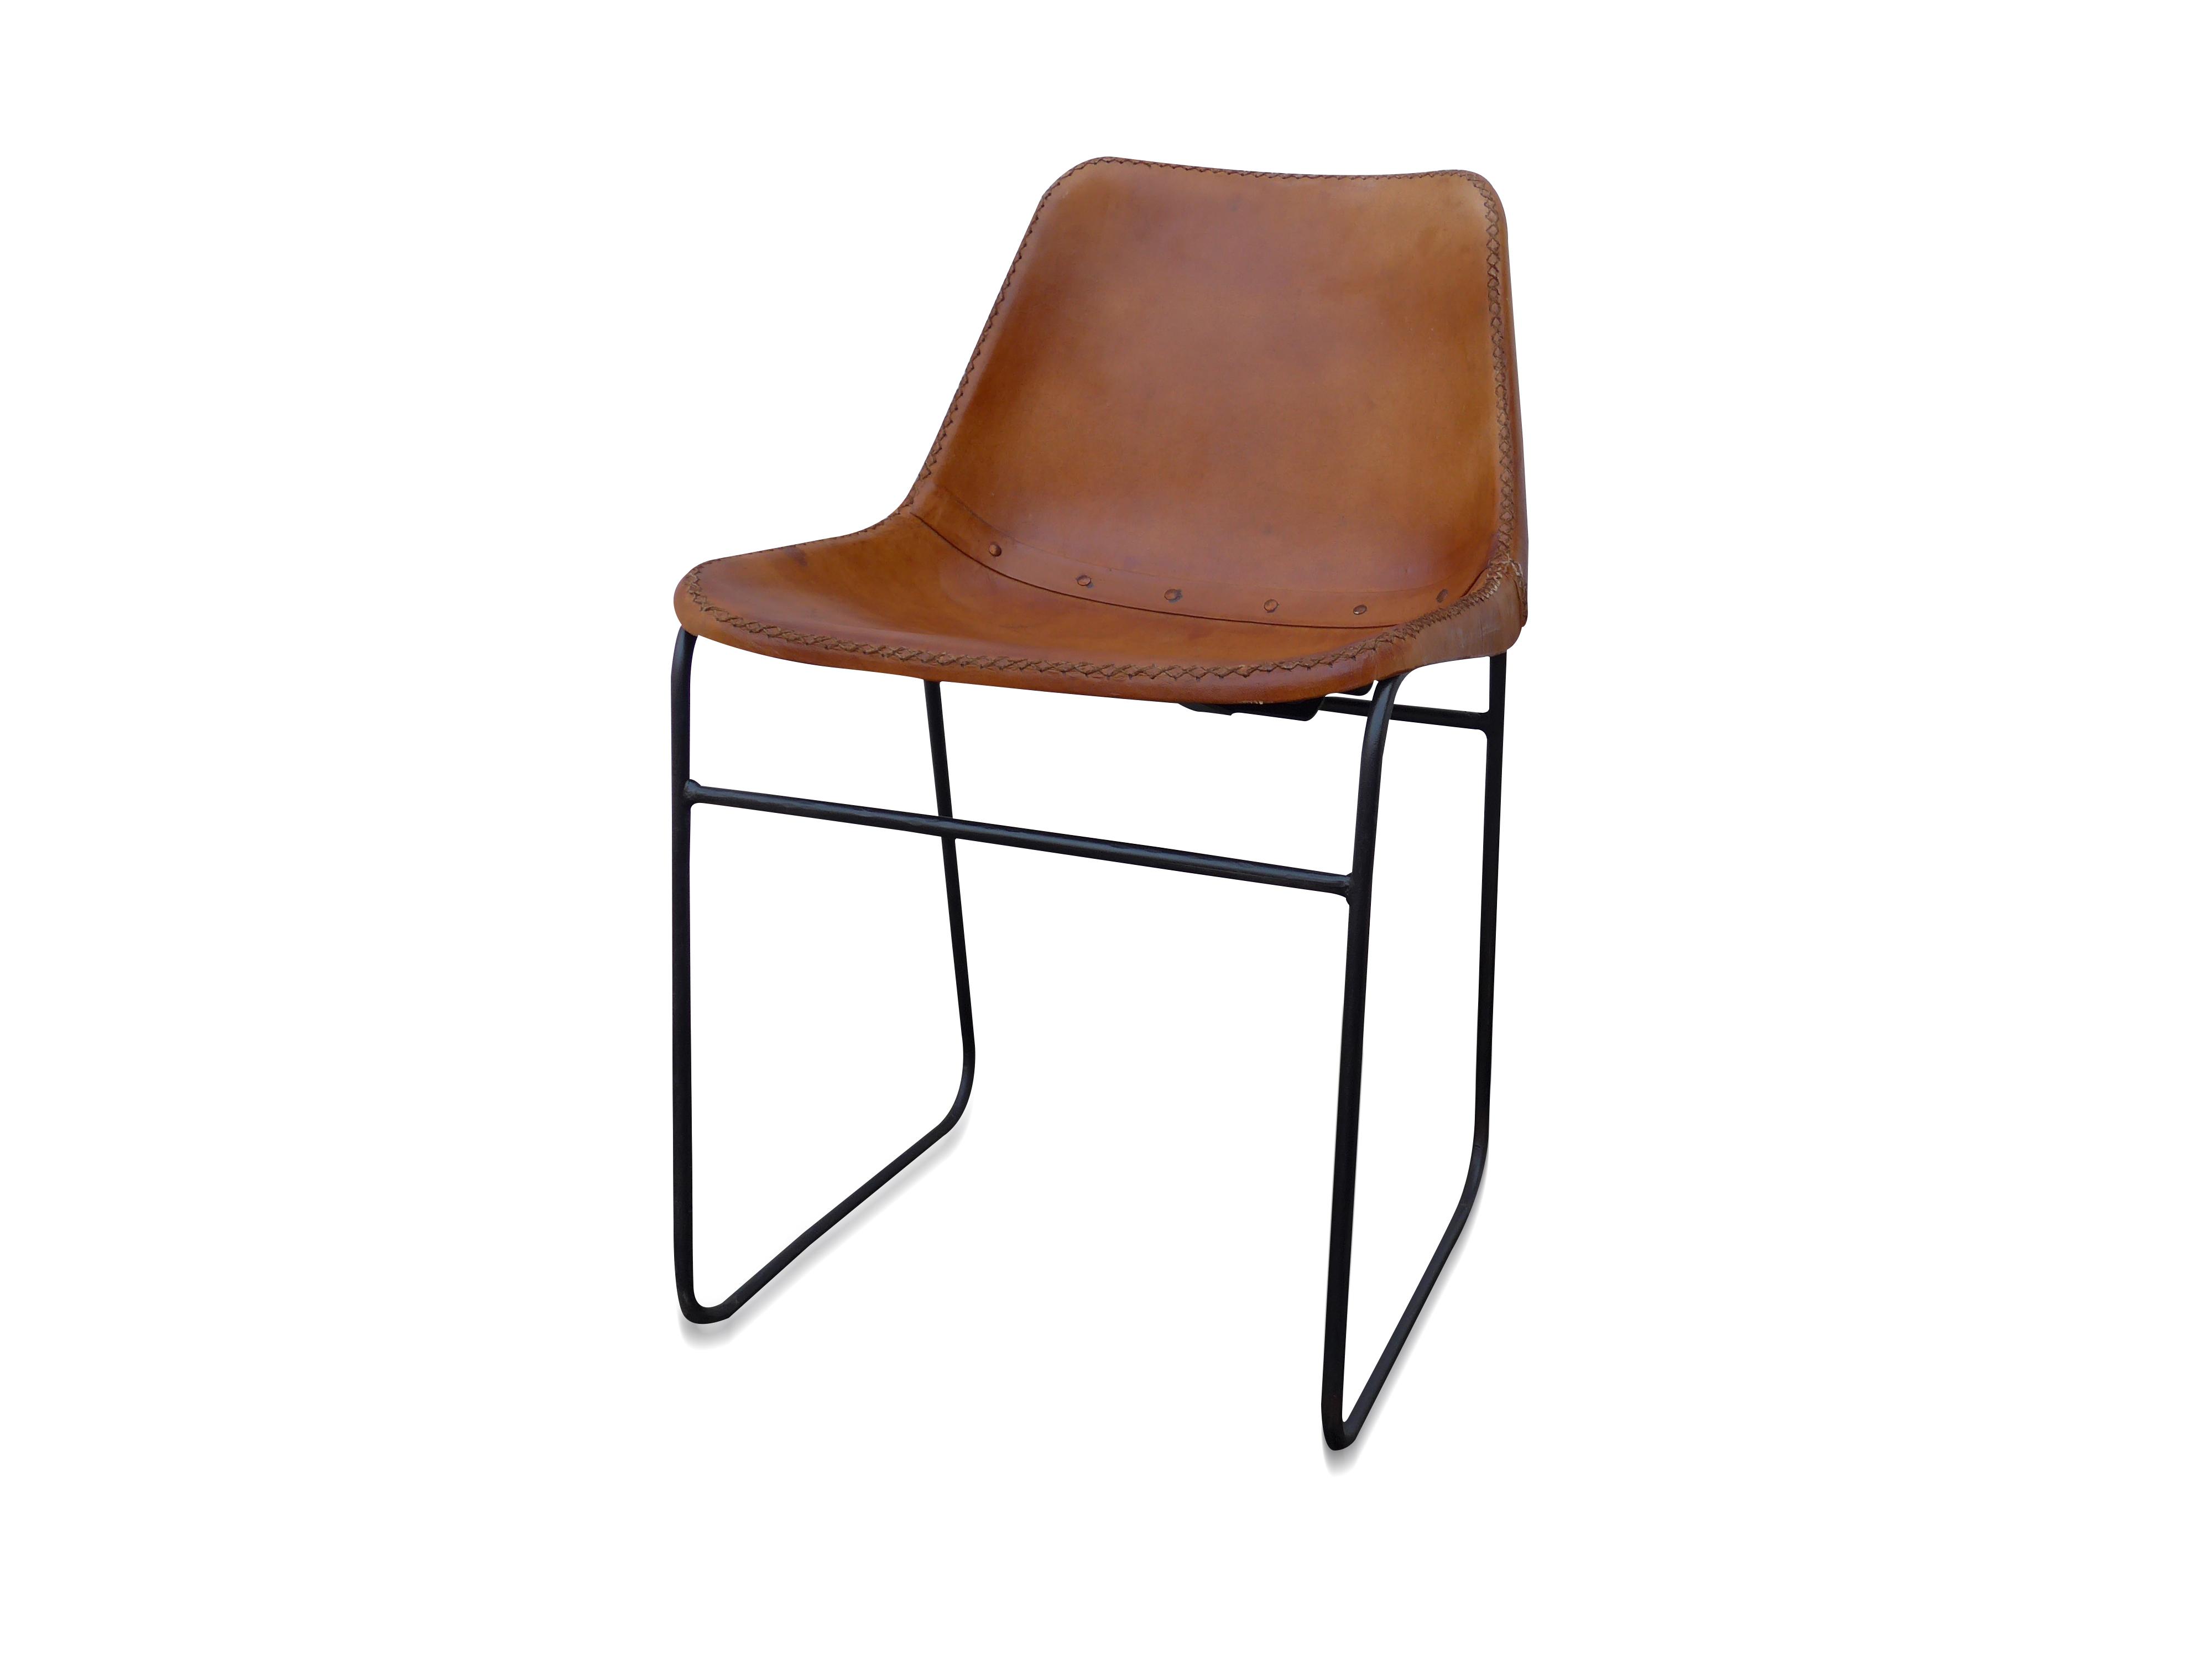 Stuhl industrial chair mit eisen und leder for Stuhl industrial